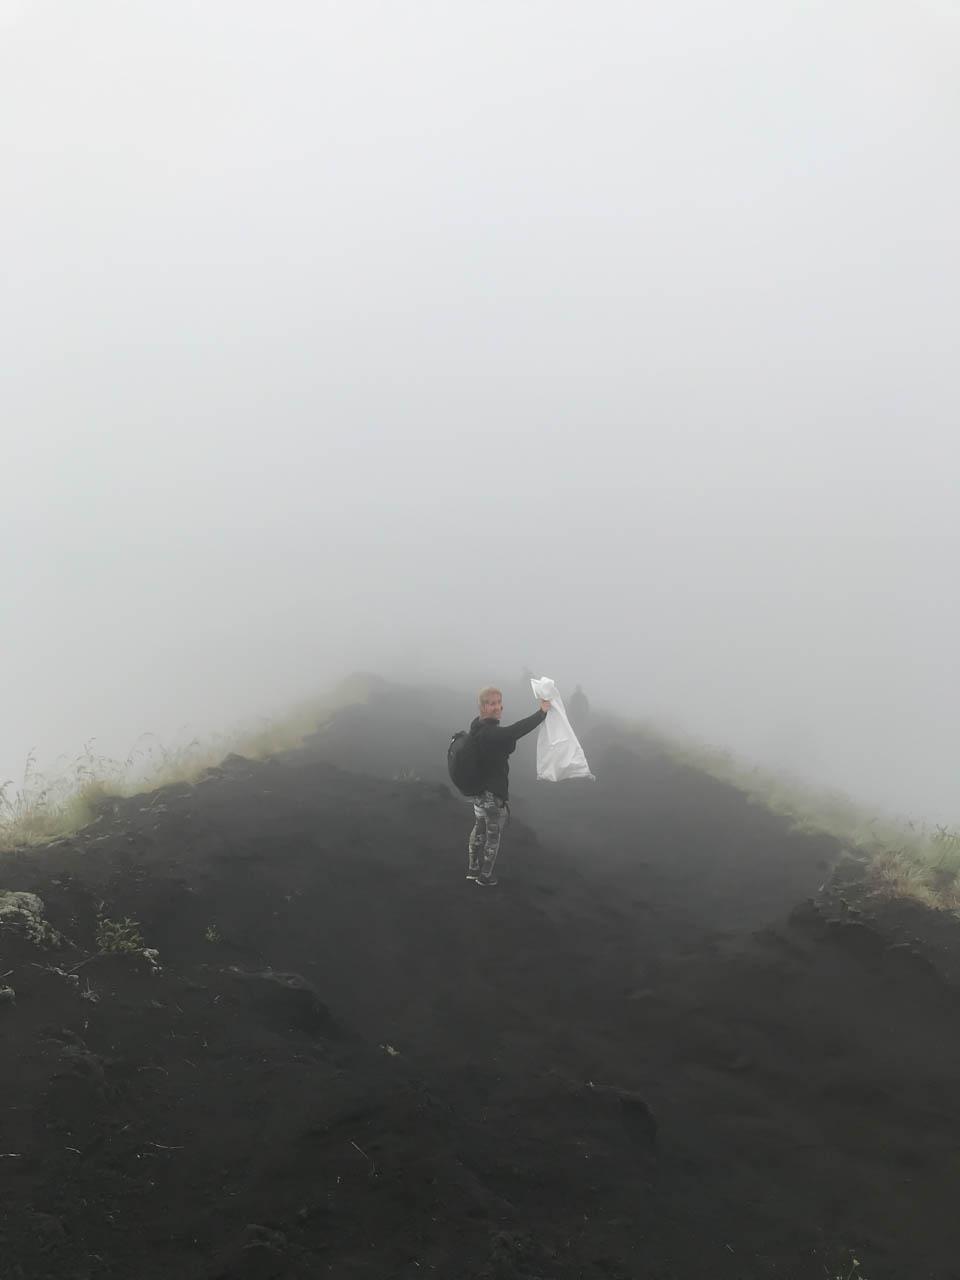 mount-batur-sunrise-trekking-cleanup